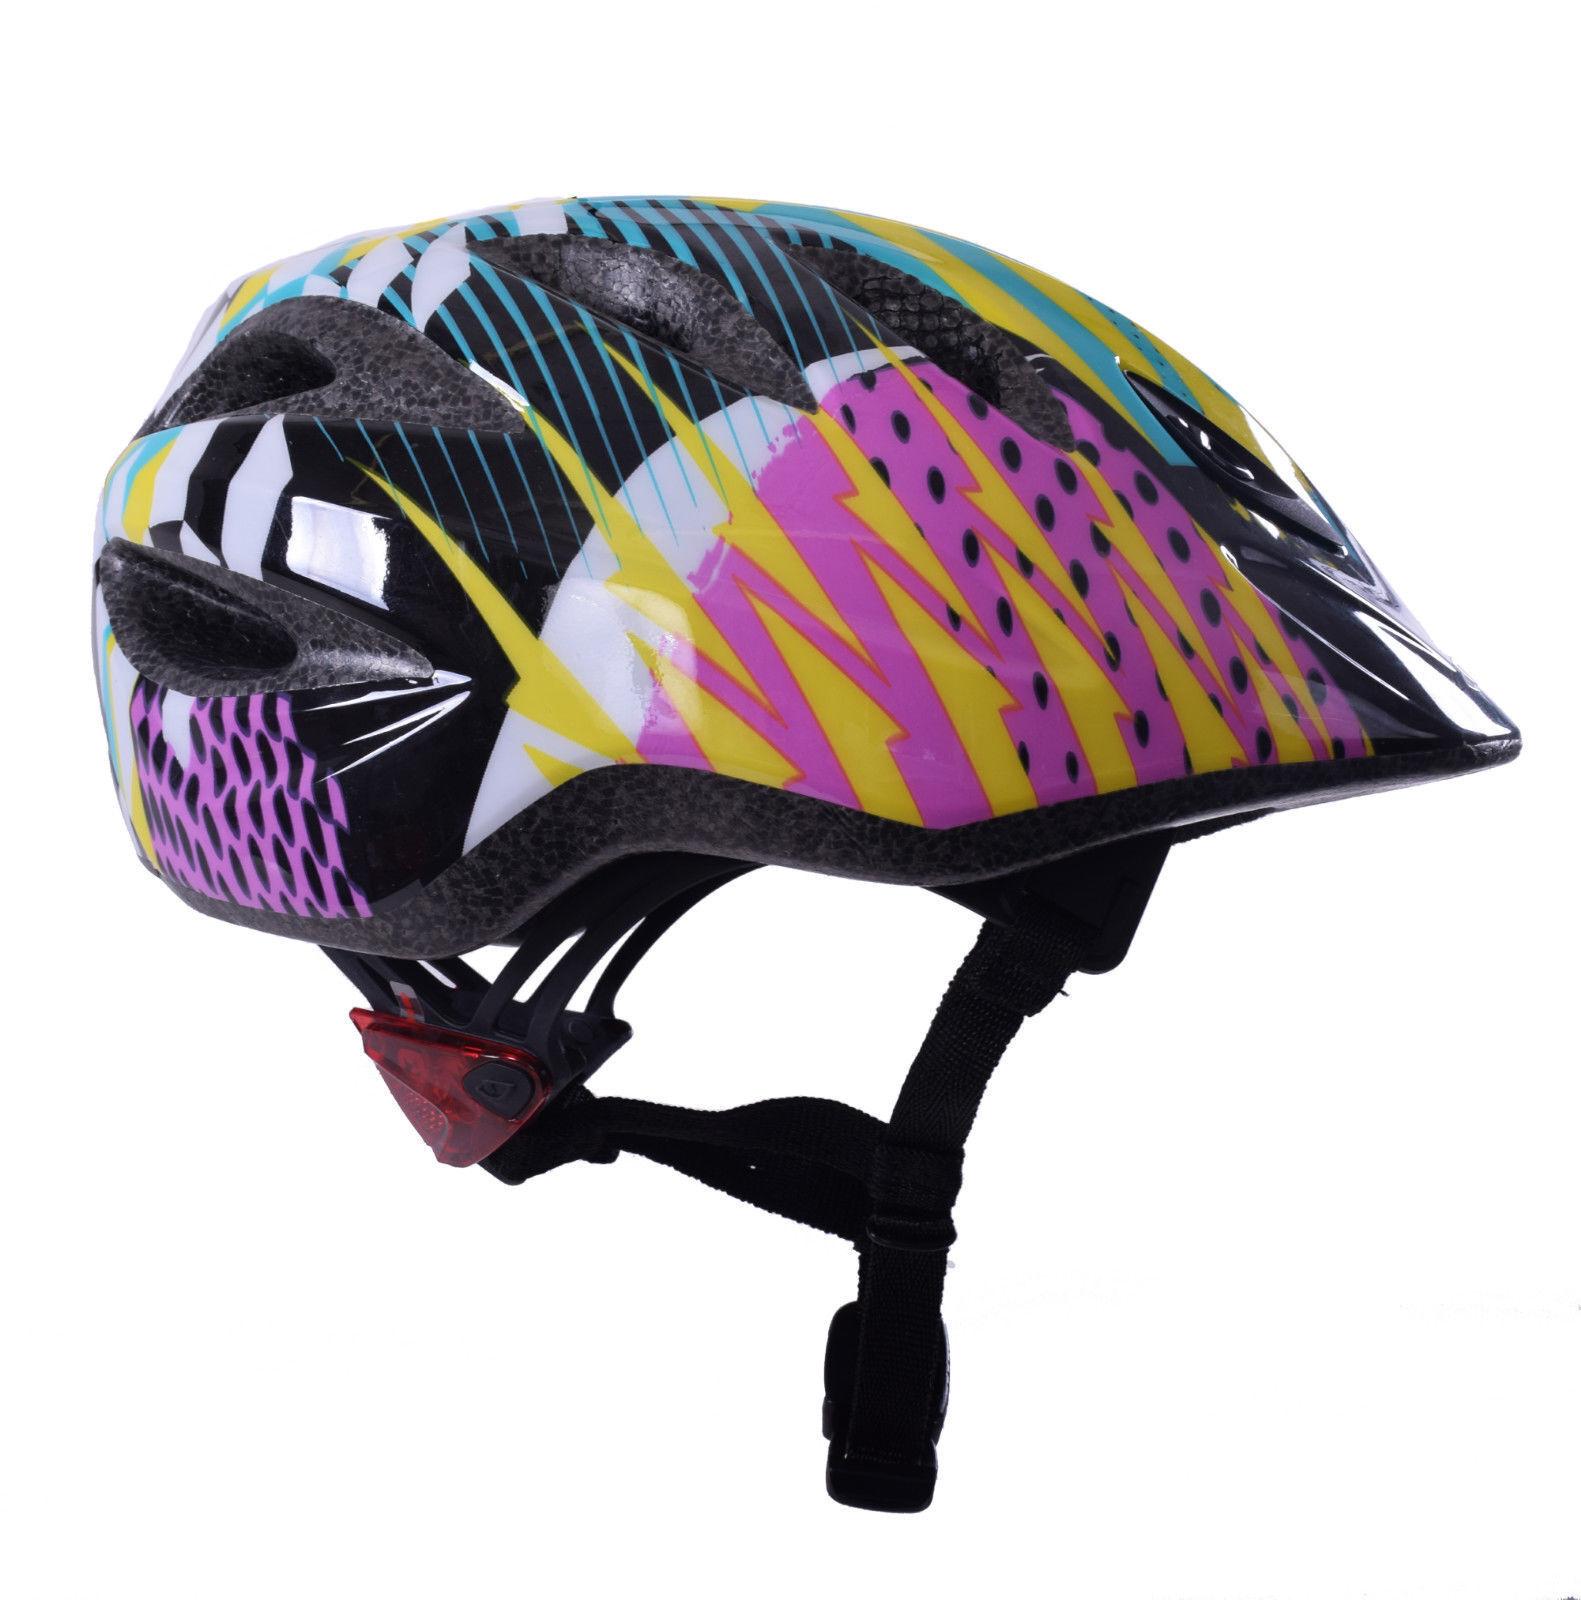 GIRO Rascal Shards Bambino Kids Ciclo bicicletta casco Luci LED LED LED integrata 50 - 54cm e68869